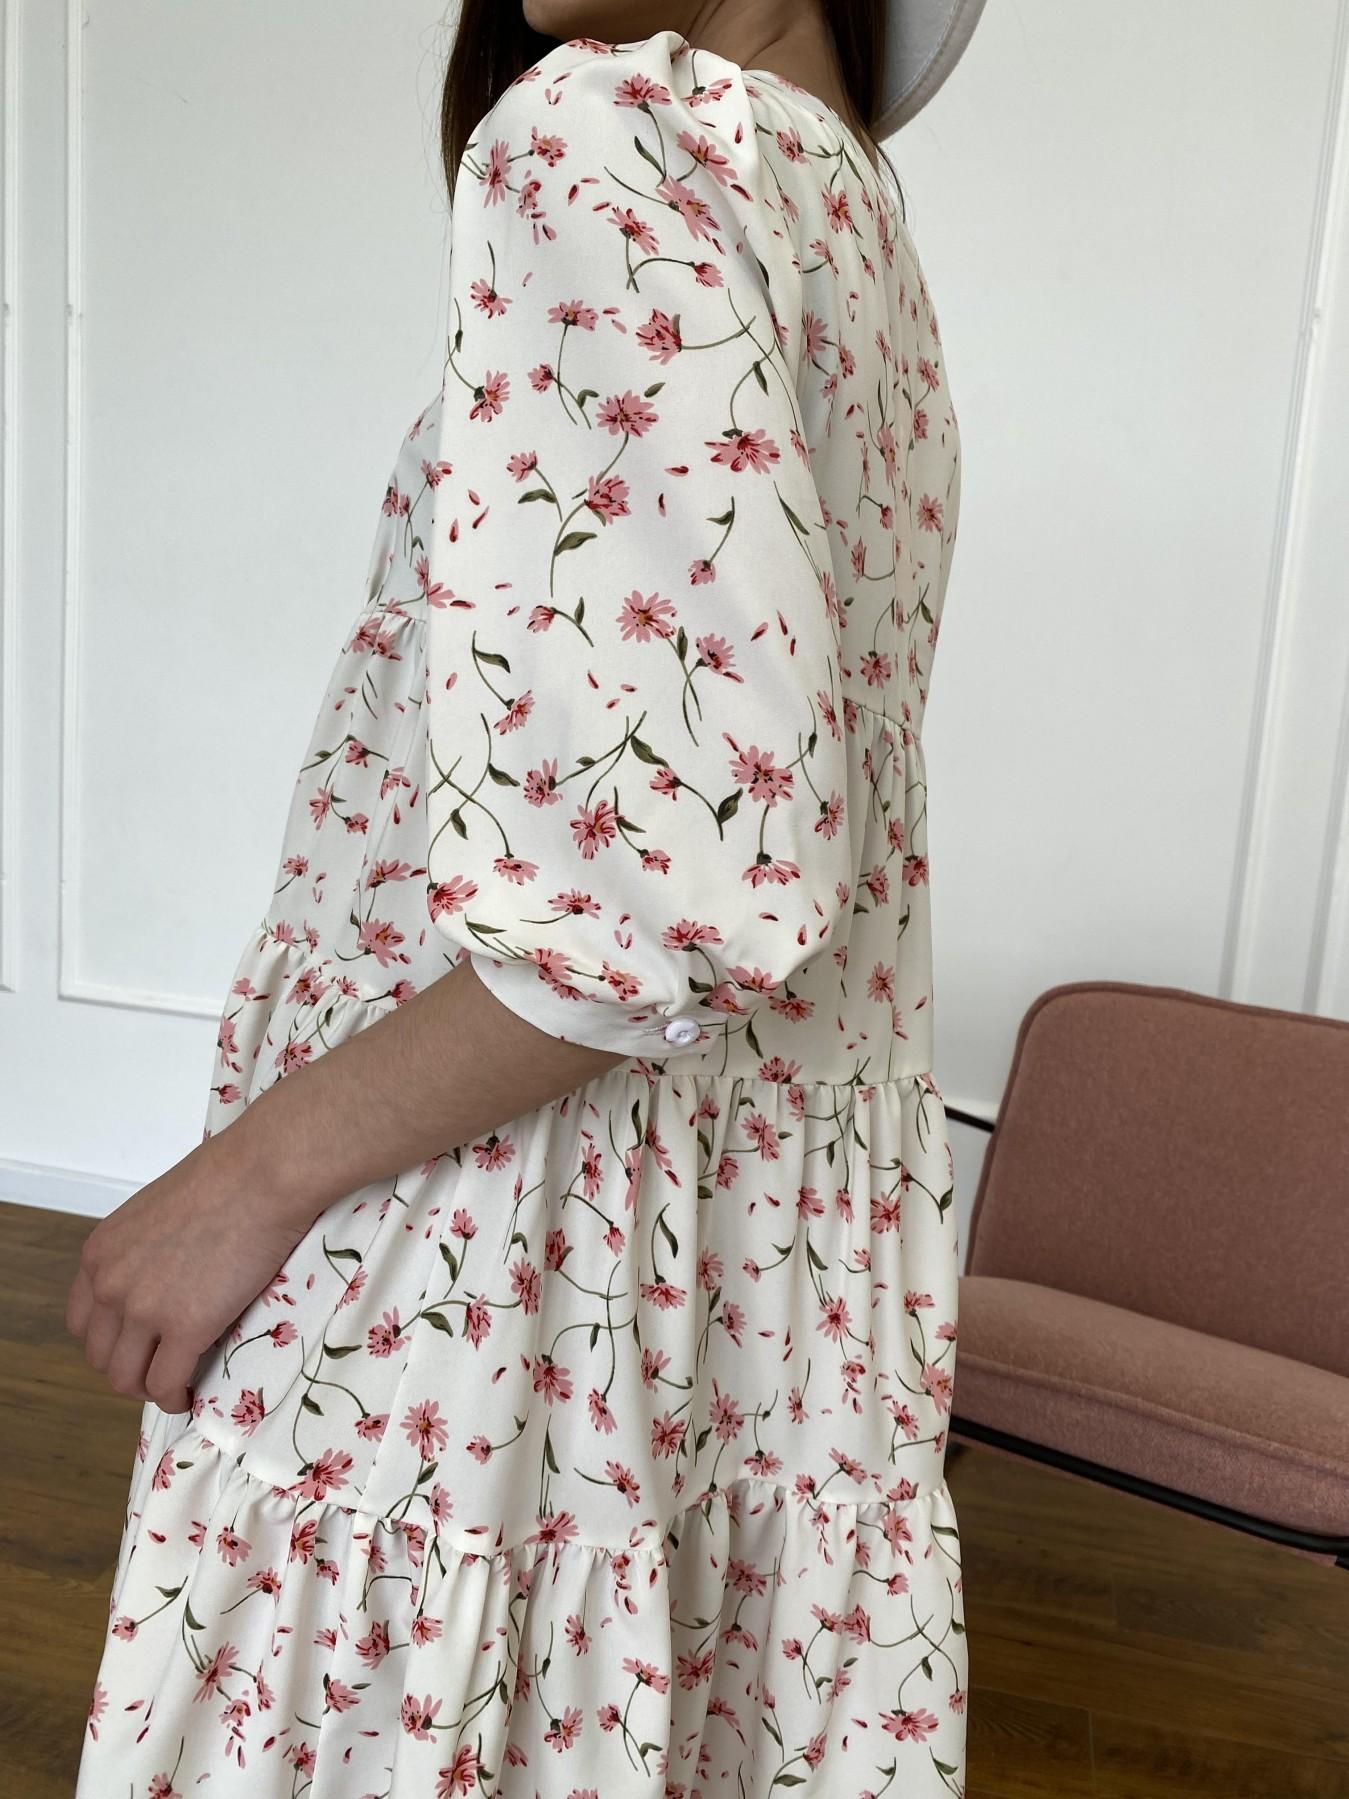 Берри платье из ткани софт в принт 11211 АРТ. 47724 Цвет: Молоко/розовый, Цветы - фото 9, интернет магазин tm-modus.ru